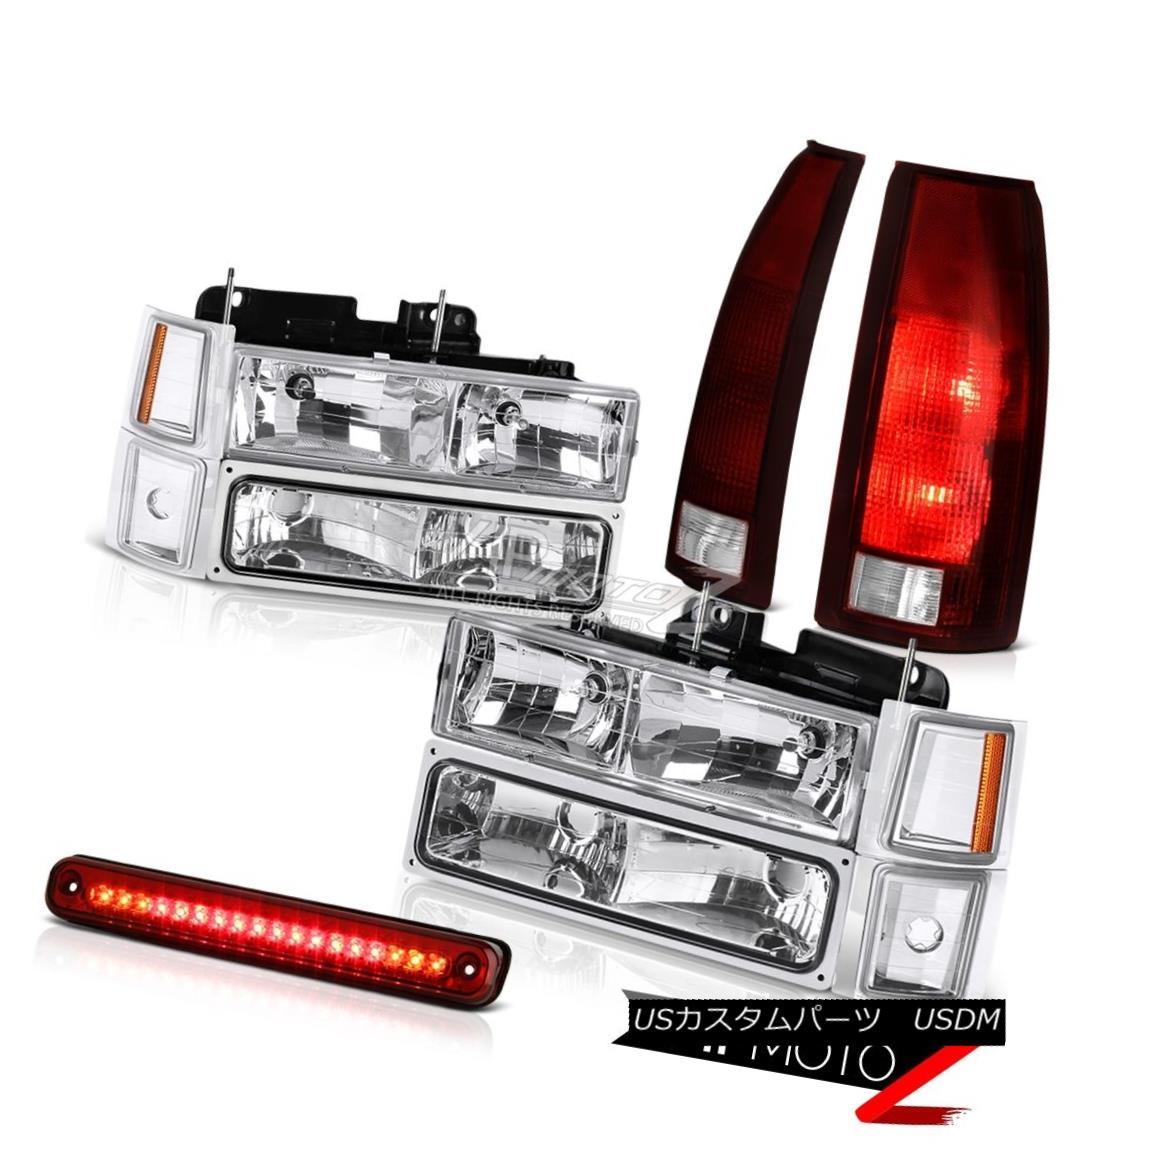 ヘッドライト 94-98 Chevy K3500 Bloody Red High Stop Light Tail Lamps Headlamps Bumper Corner 94-98シボレーK3500ブラッディーレッドハイストップライトテールランプヘッドランプバンパーコーナー